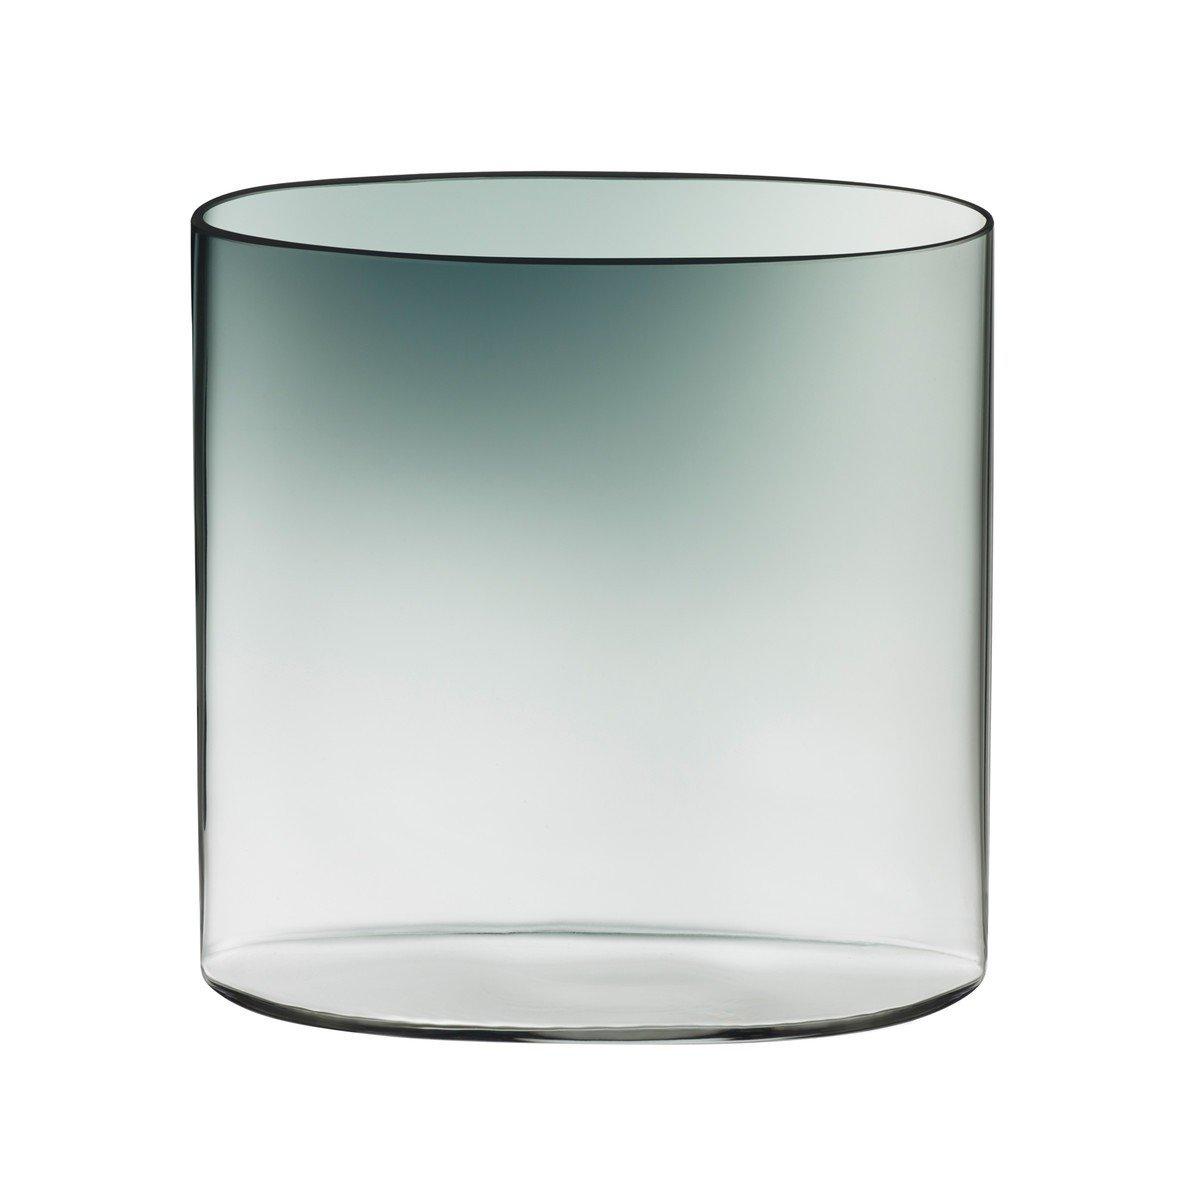 Iittala 1015379 Ovalis Vase 16 cm, grau klar